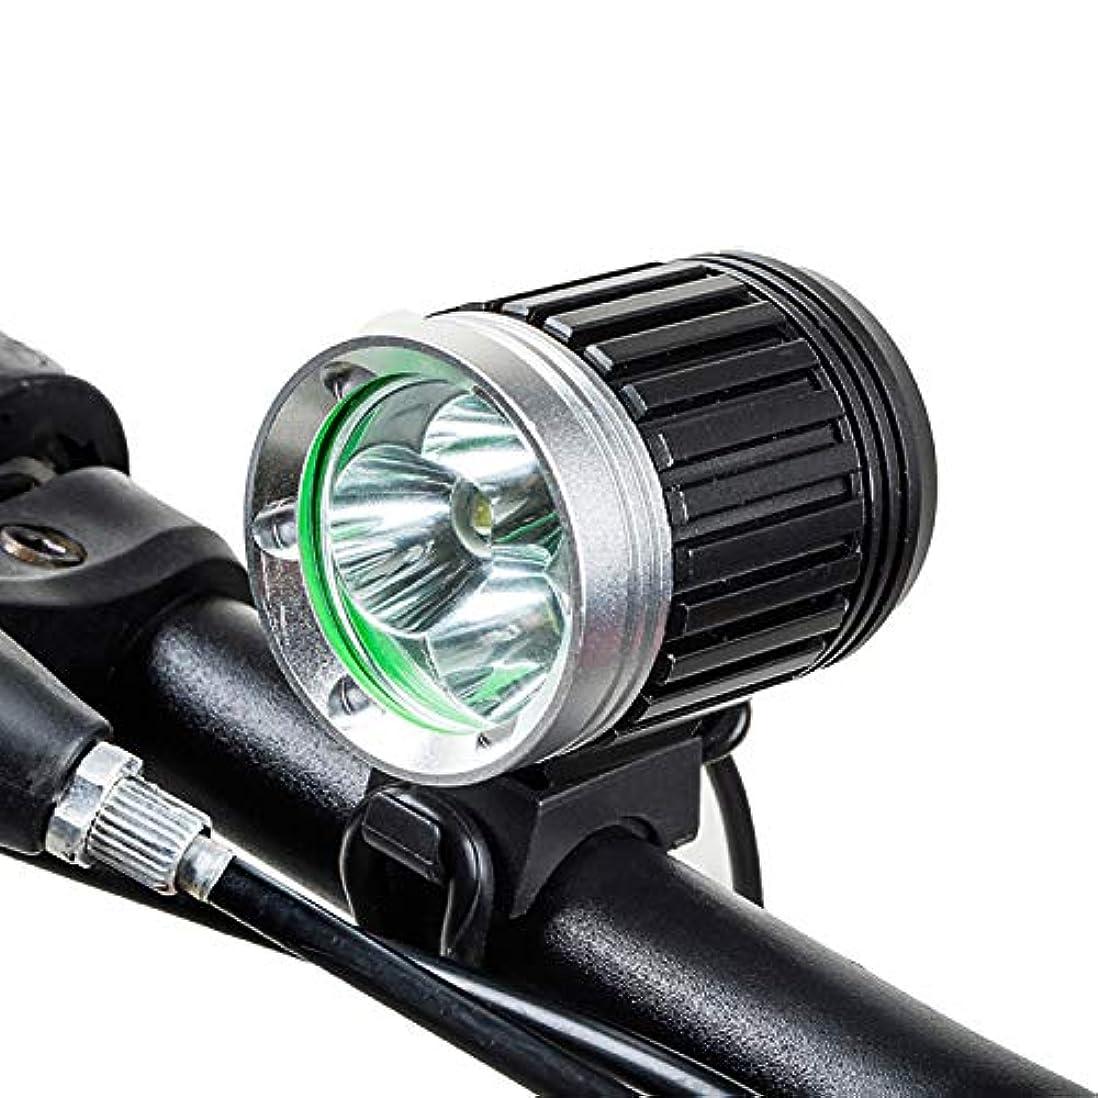 メイト意図する宅配便マウンテンバイクライト、ヘッドライトT6グレア懐中電灯、防水および耐衝撃性の夜乗馬機器